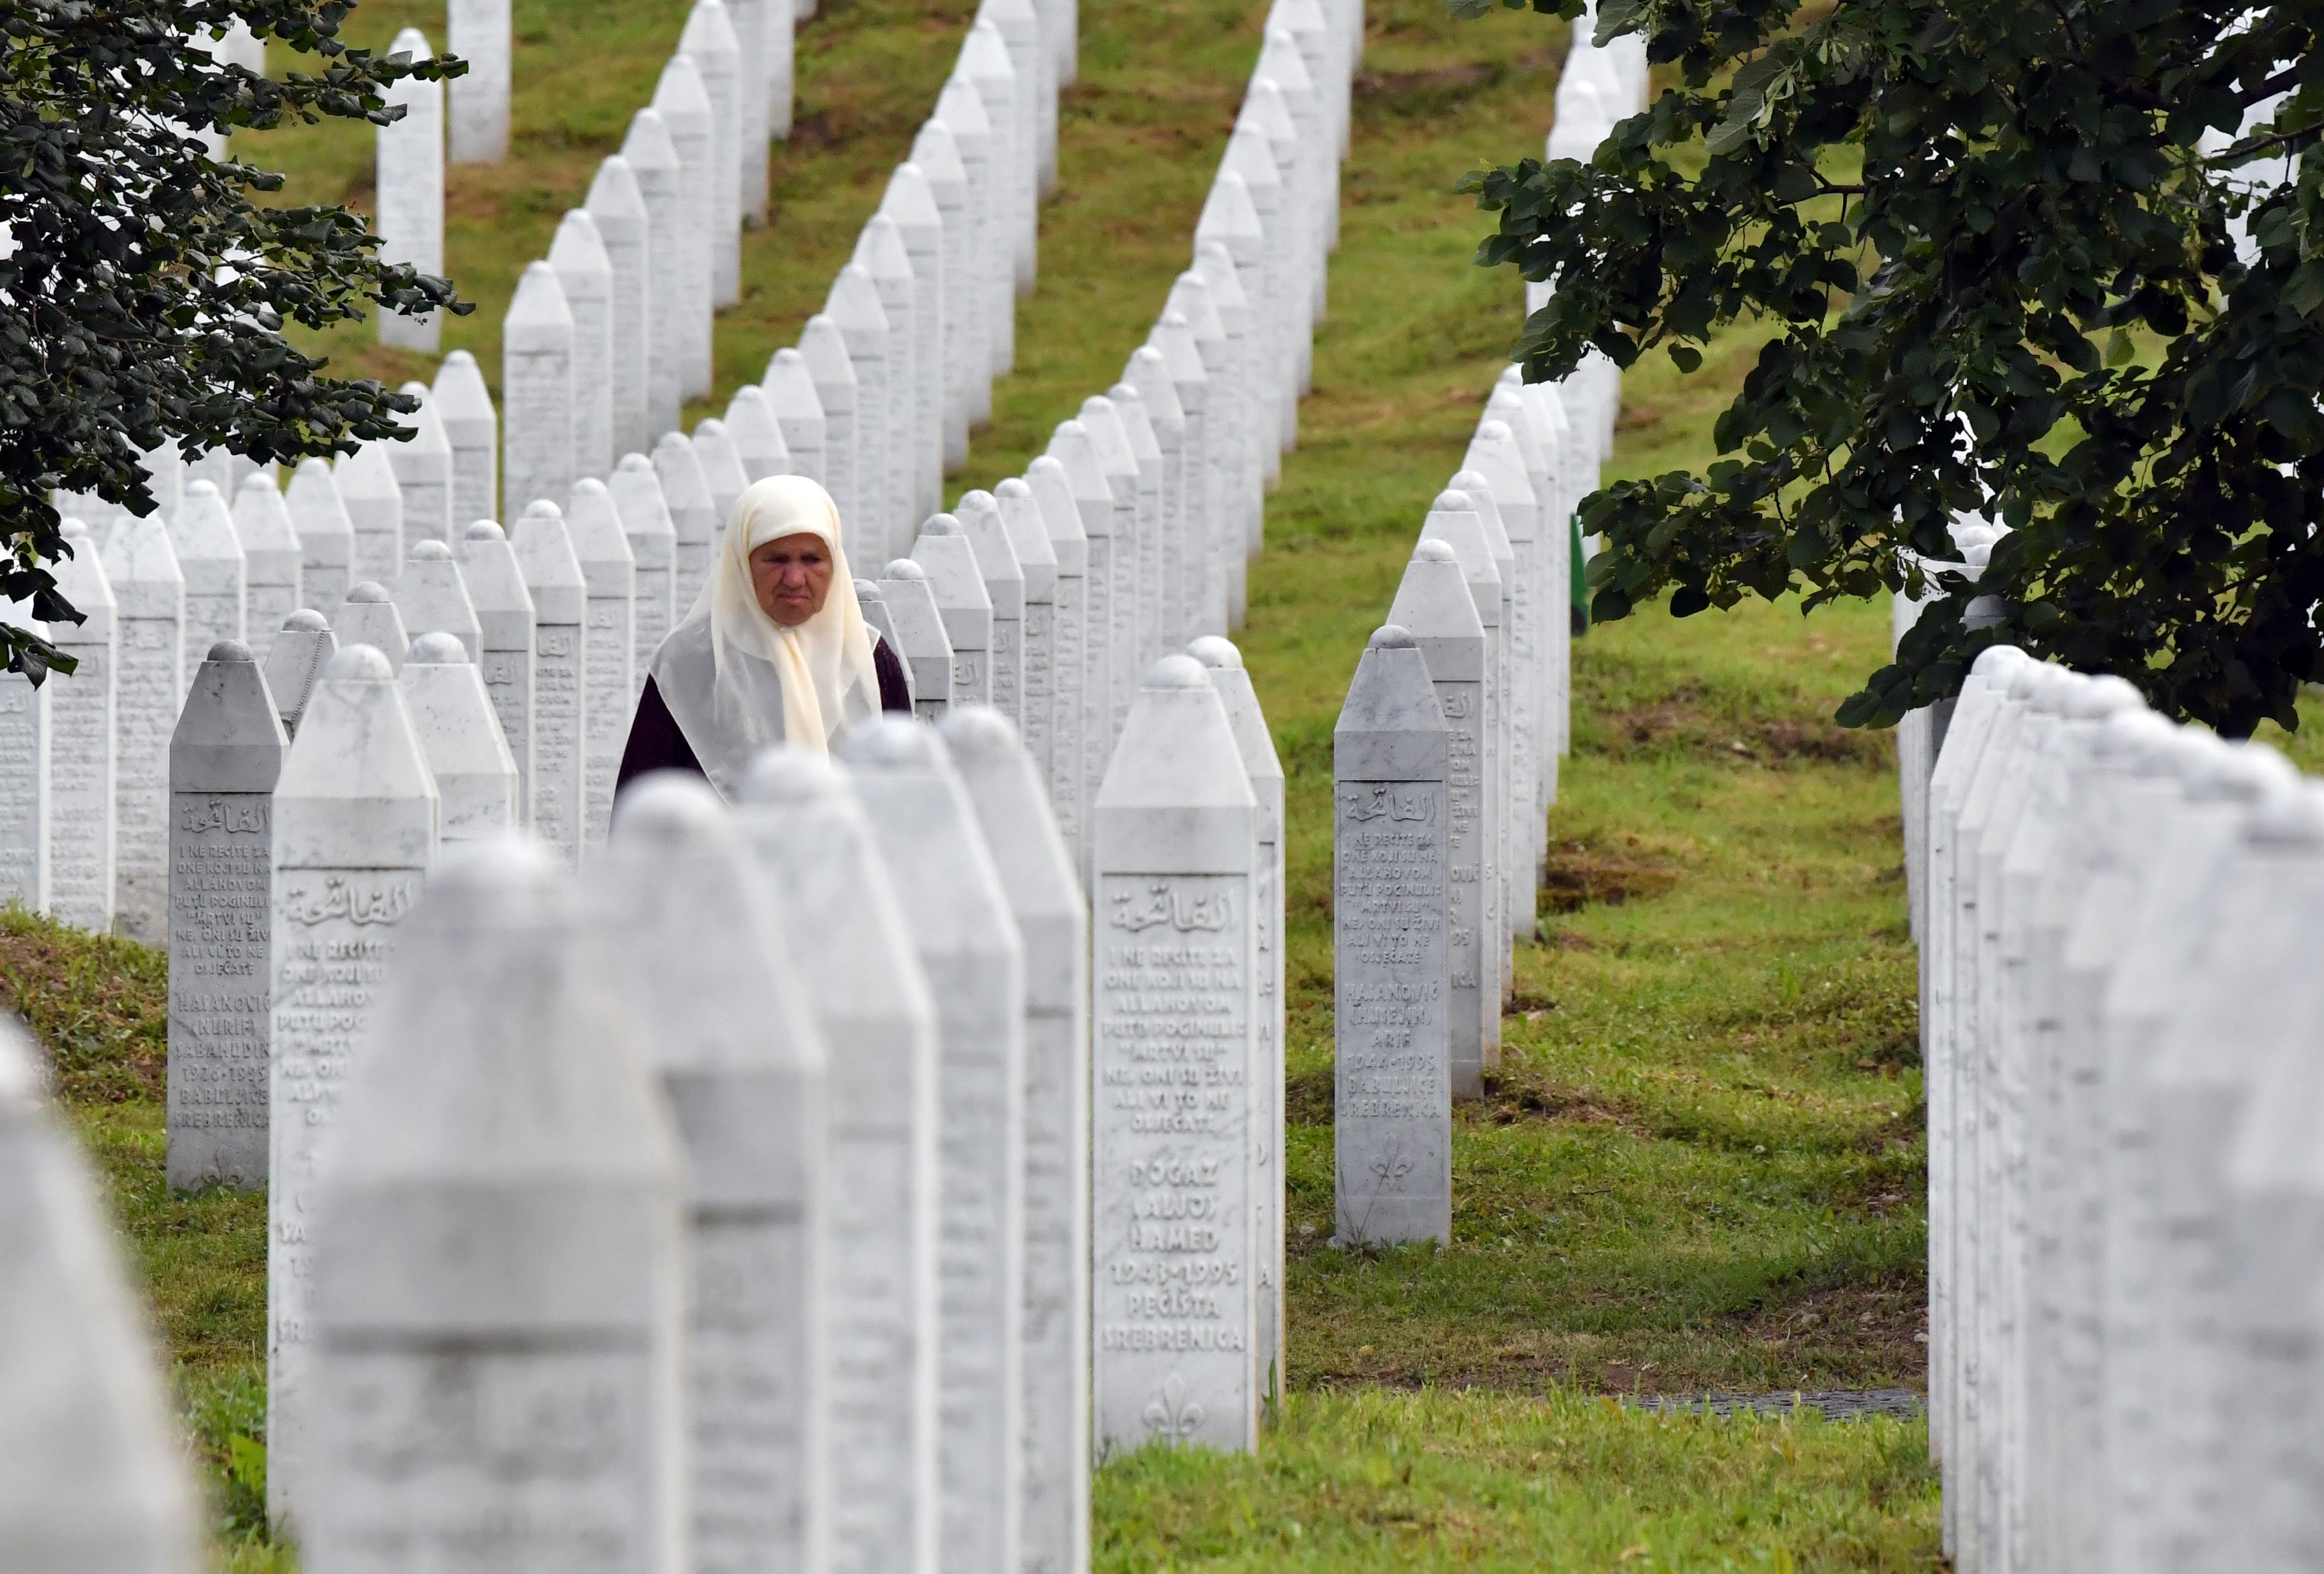 Boszniában megtiltották a srebrenicai népirtás tagadását